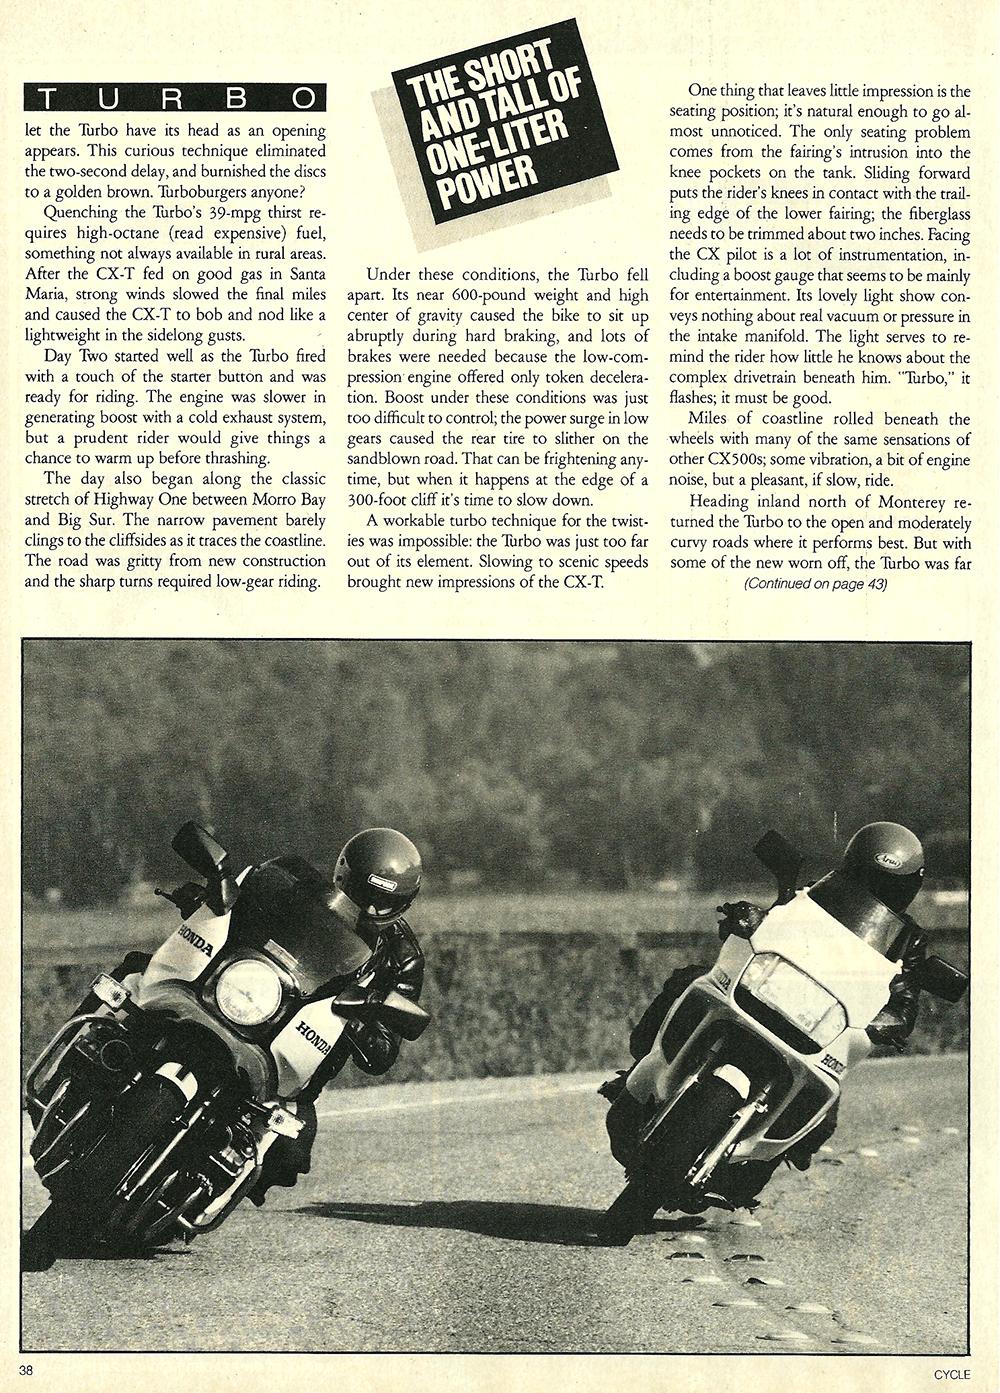 1982 Honda CBX vs CX 500 Turbo road test 07.jpg